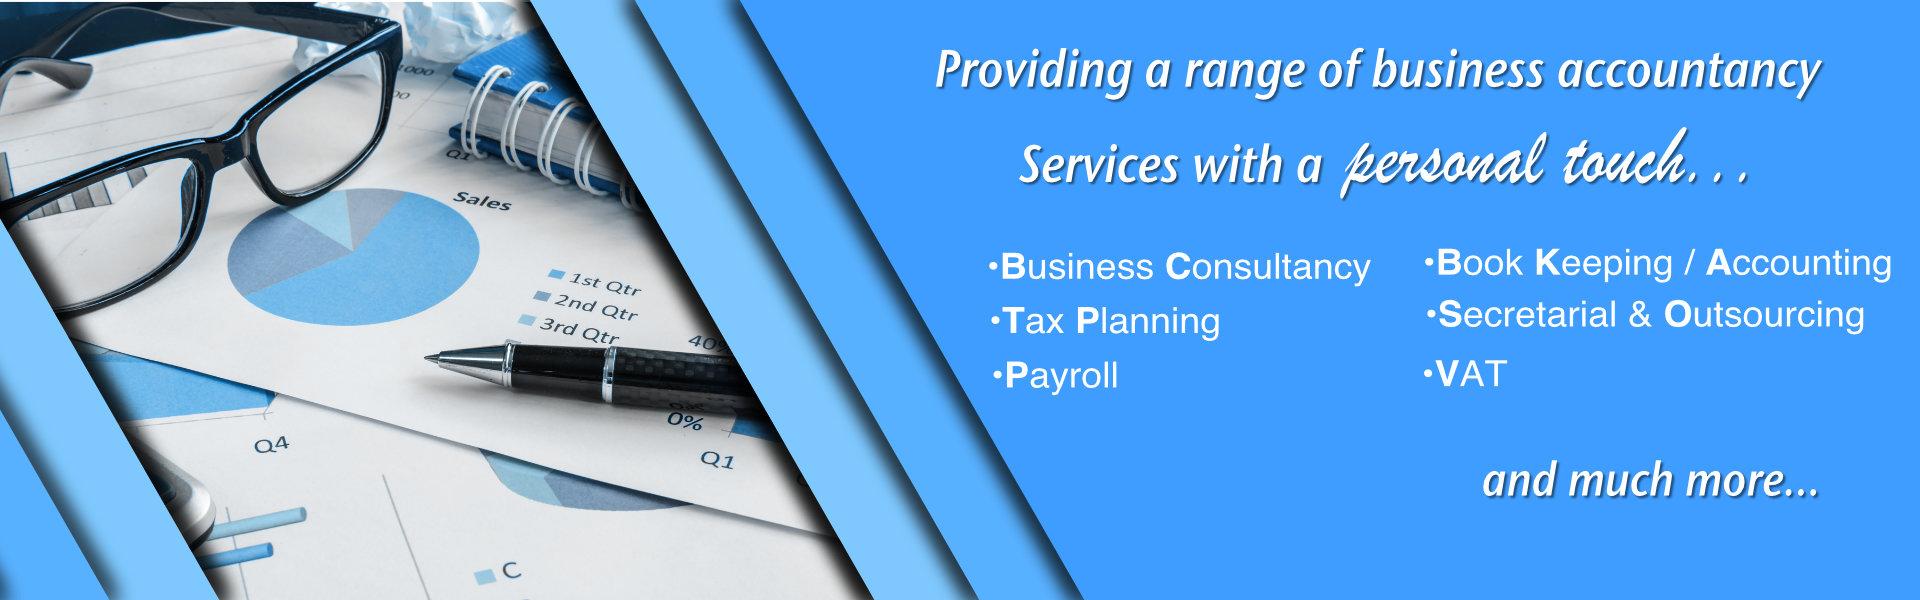 DR_Web_Services